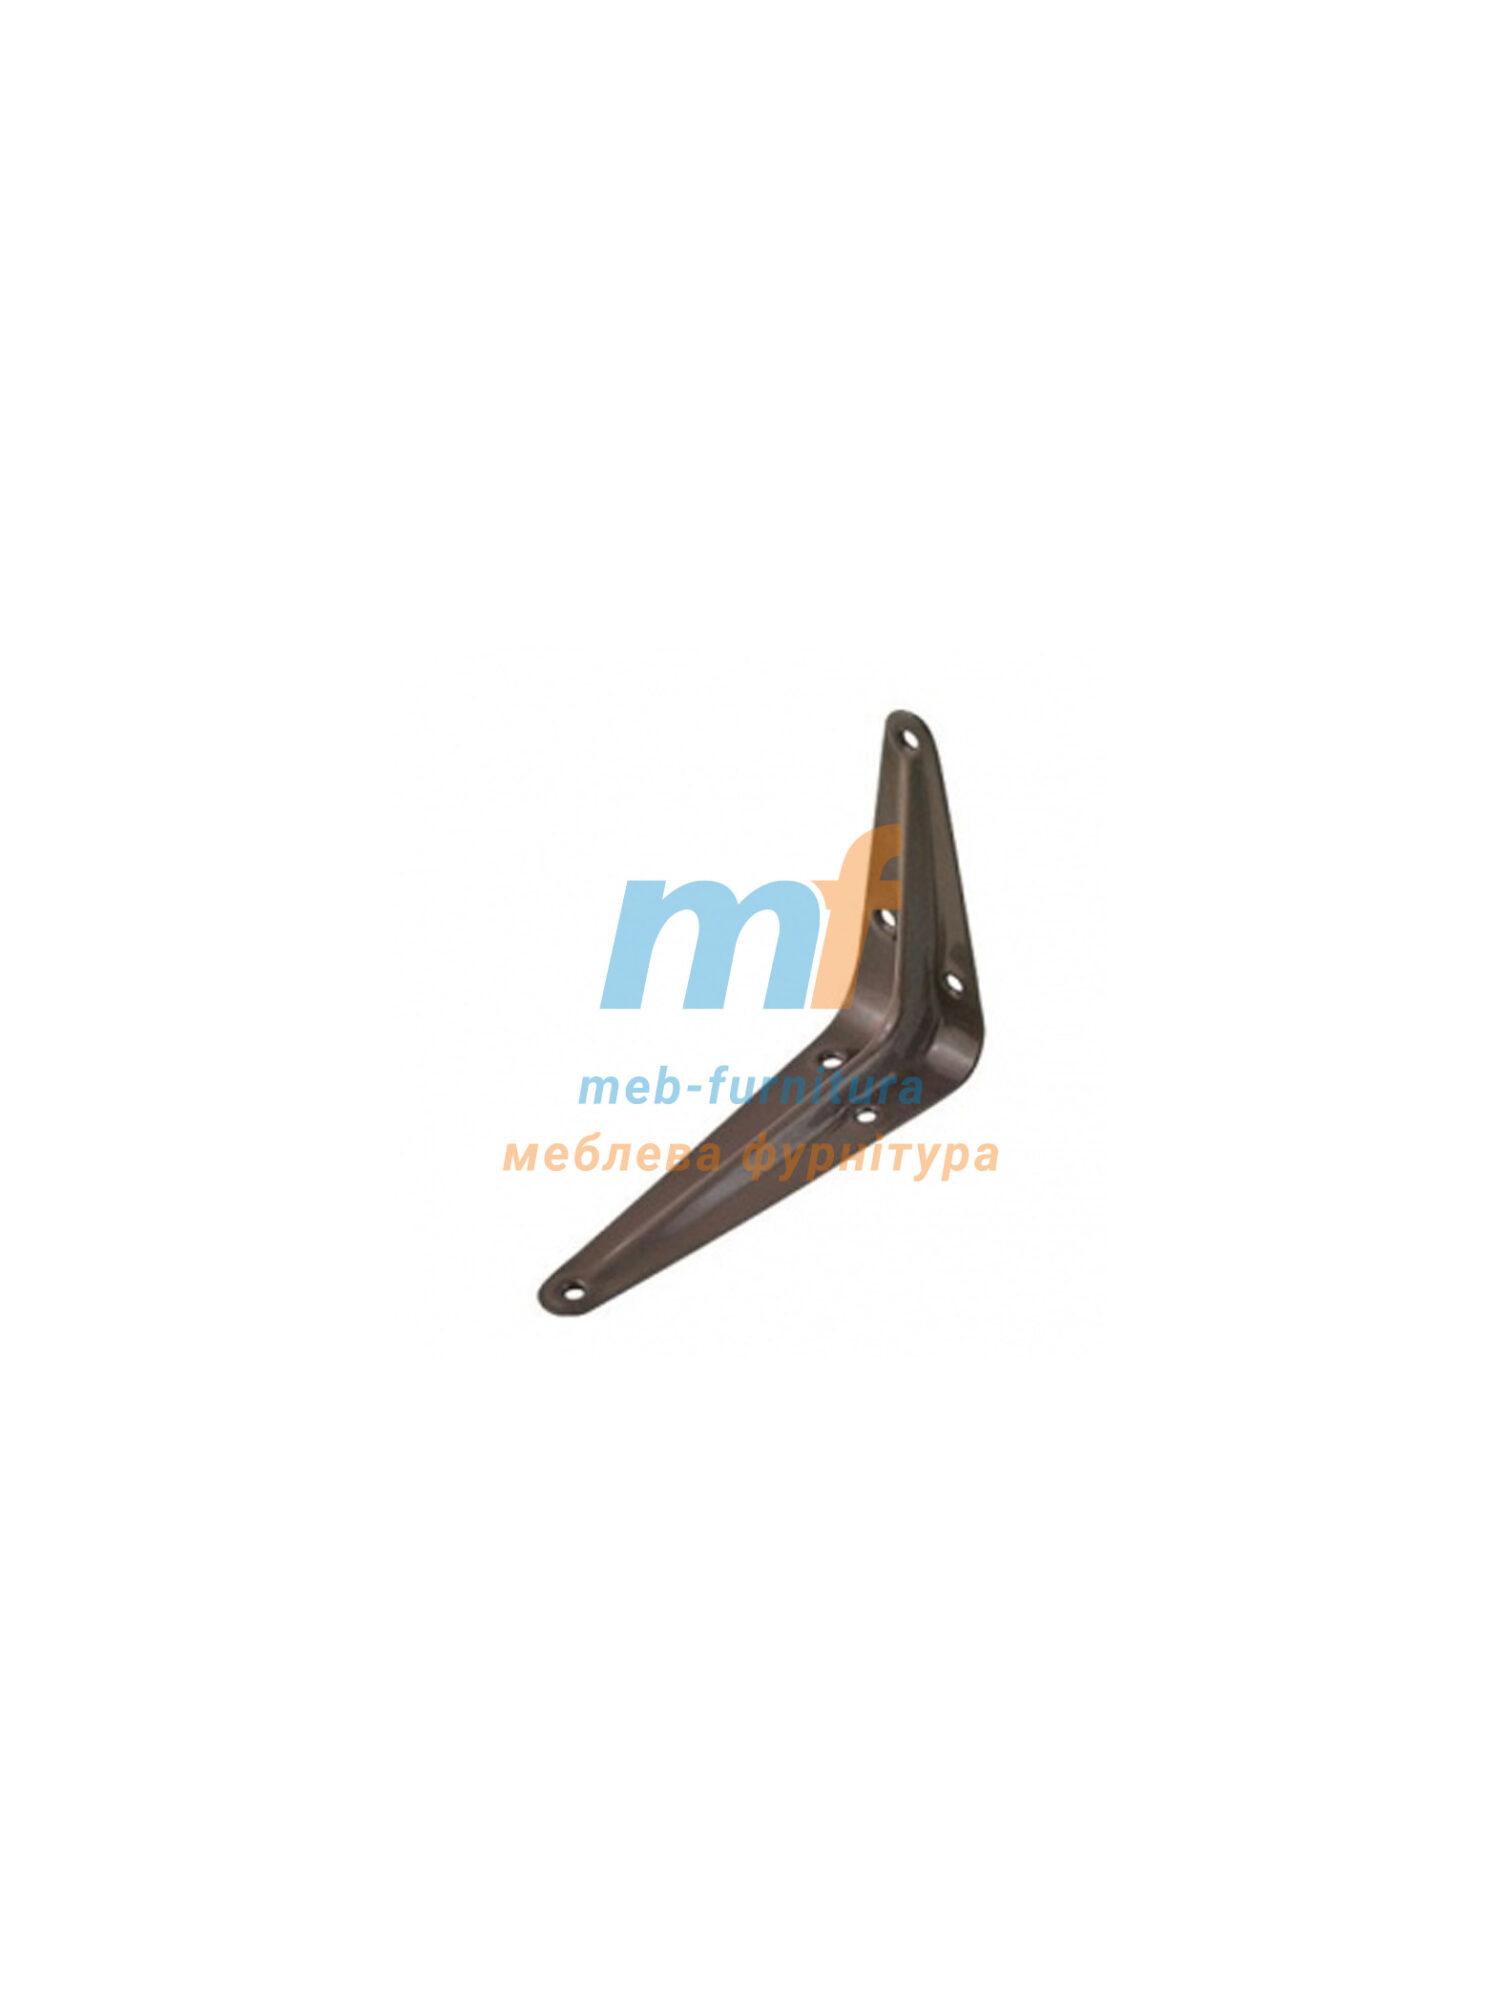 Консоль-полкодержатель металлический (5х6) 125х150мм коричневый Польша